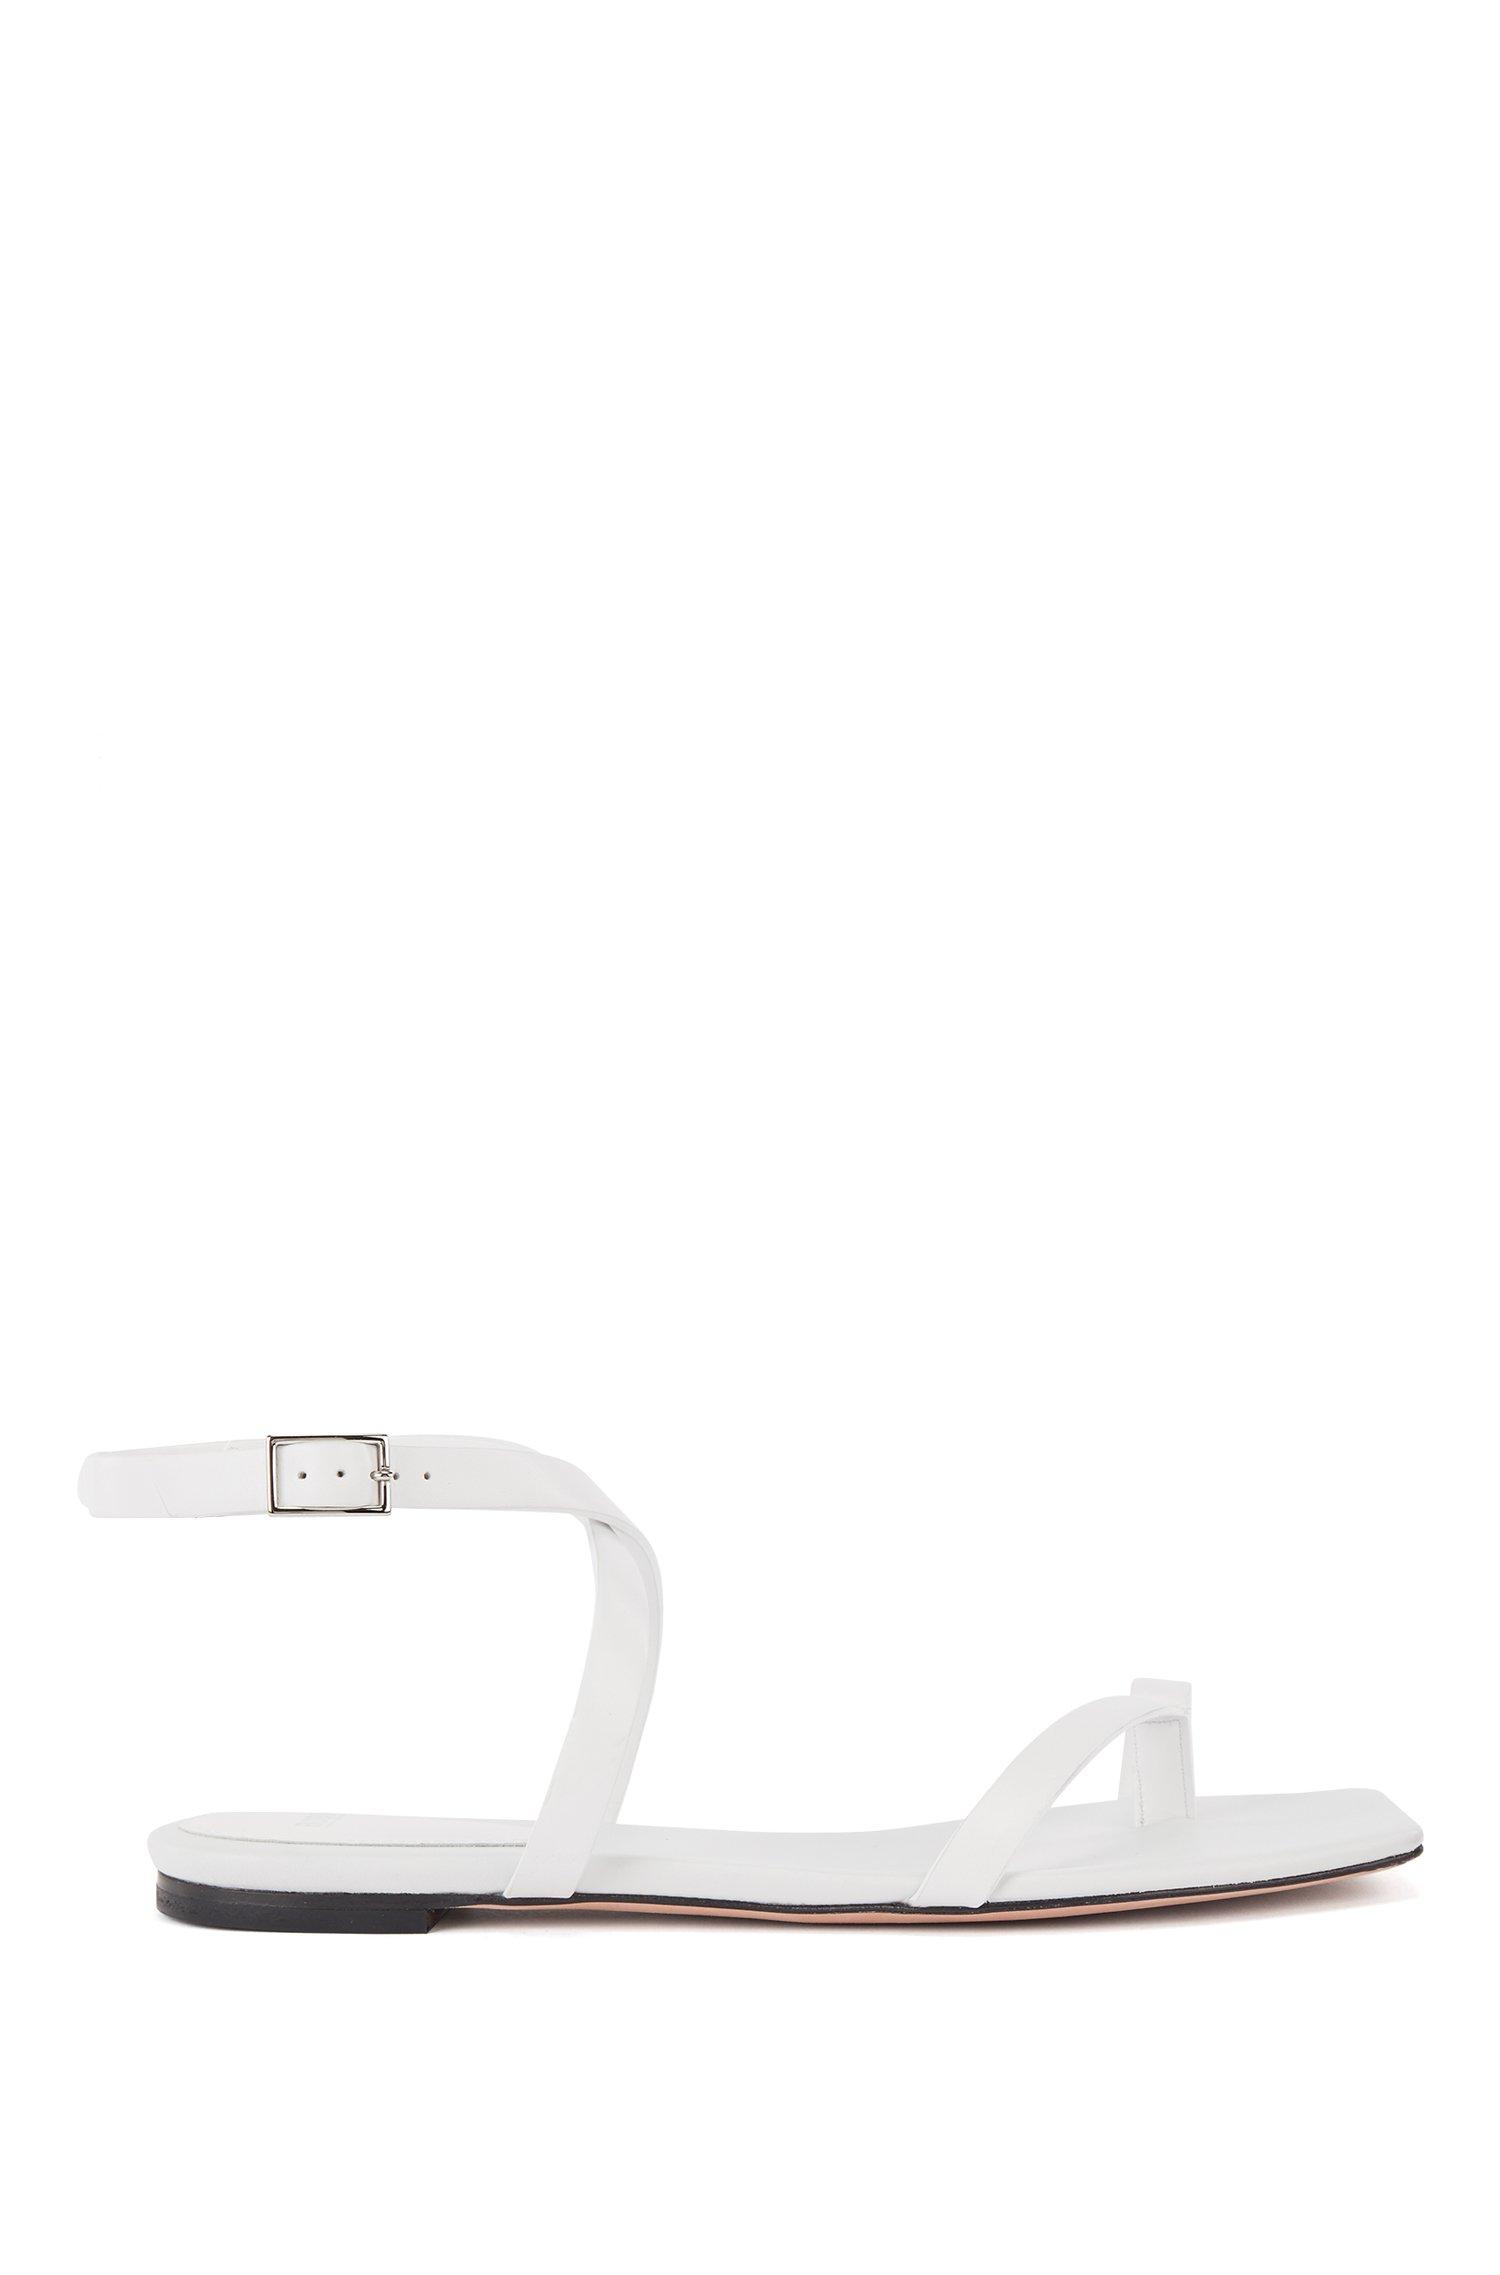 Sandalias planas de piel italiana con tiras y puntera cuadrada, Blanco